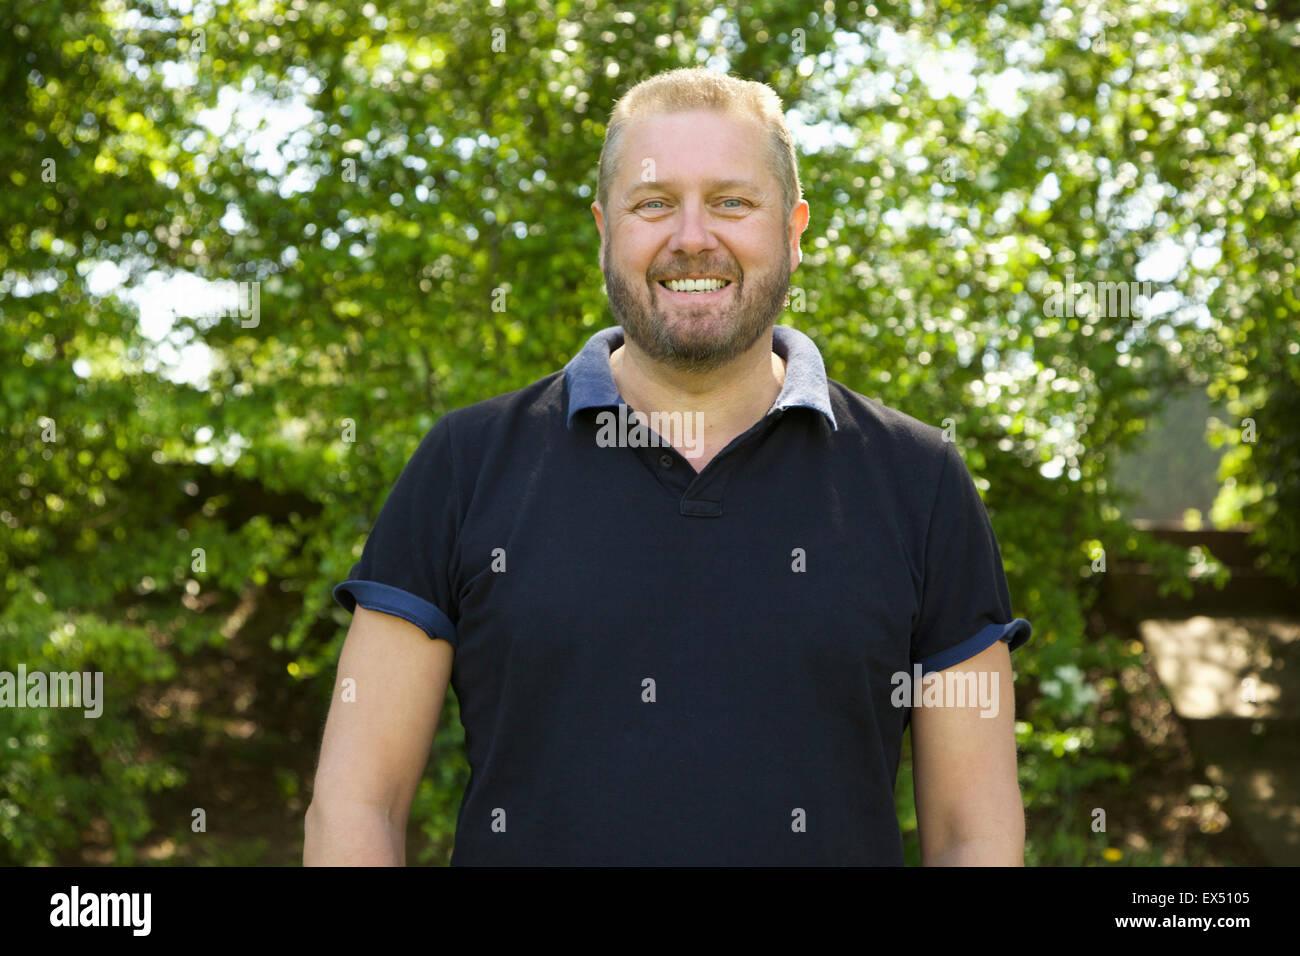 Retrato de hombre de mediana edad afuera sonriendo Foto de stock